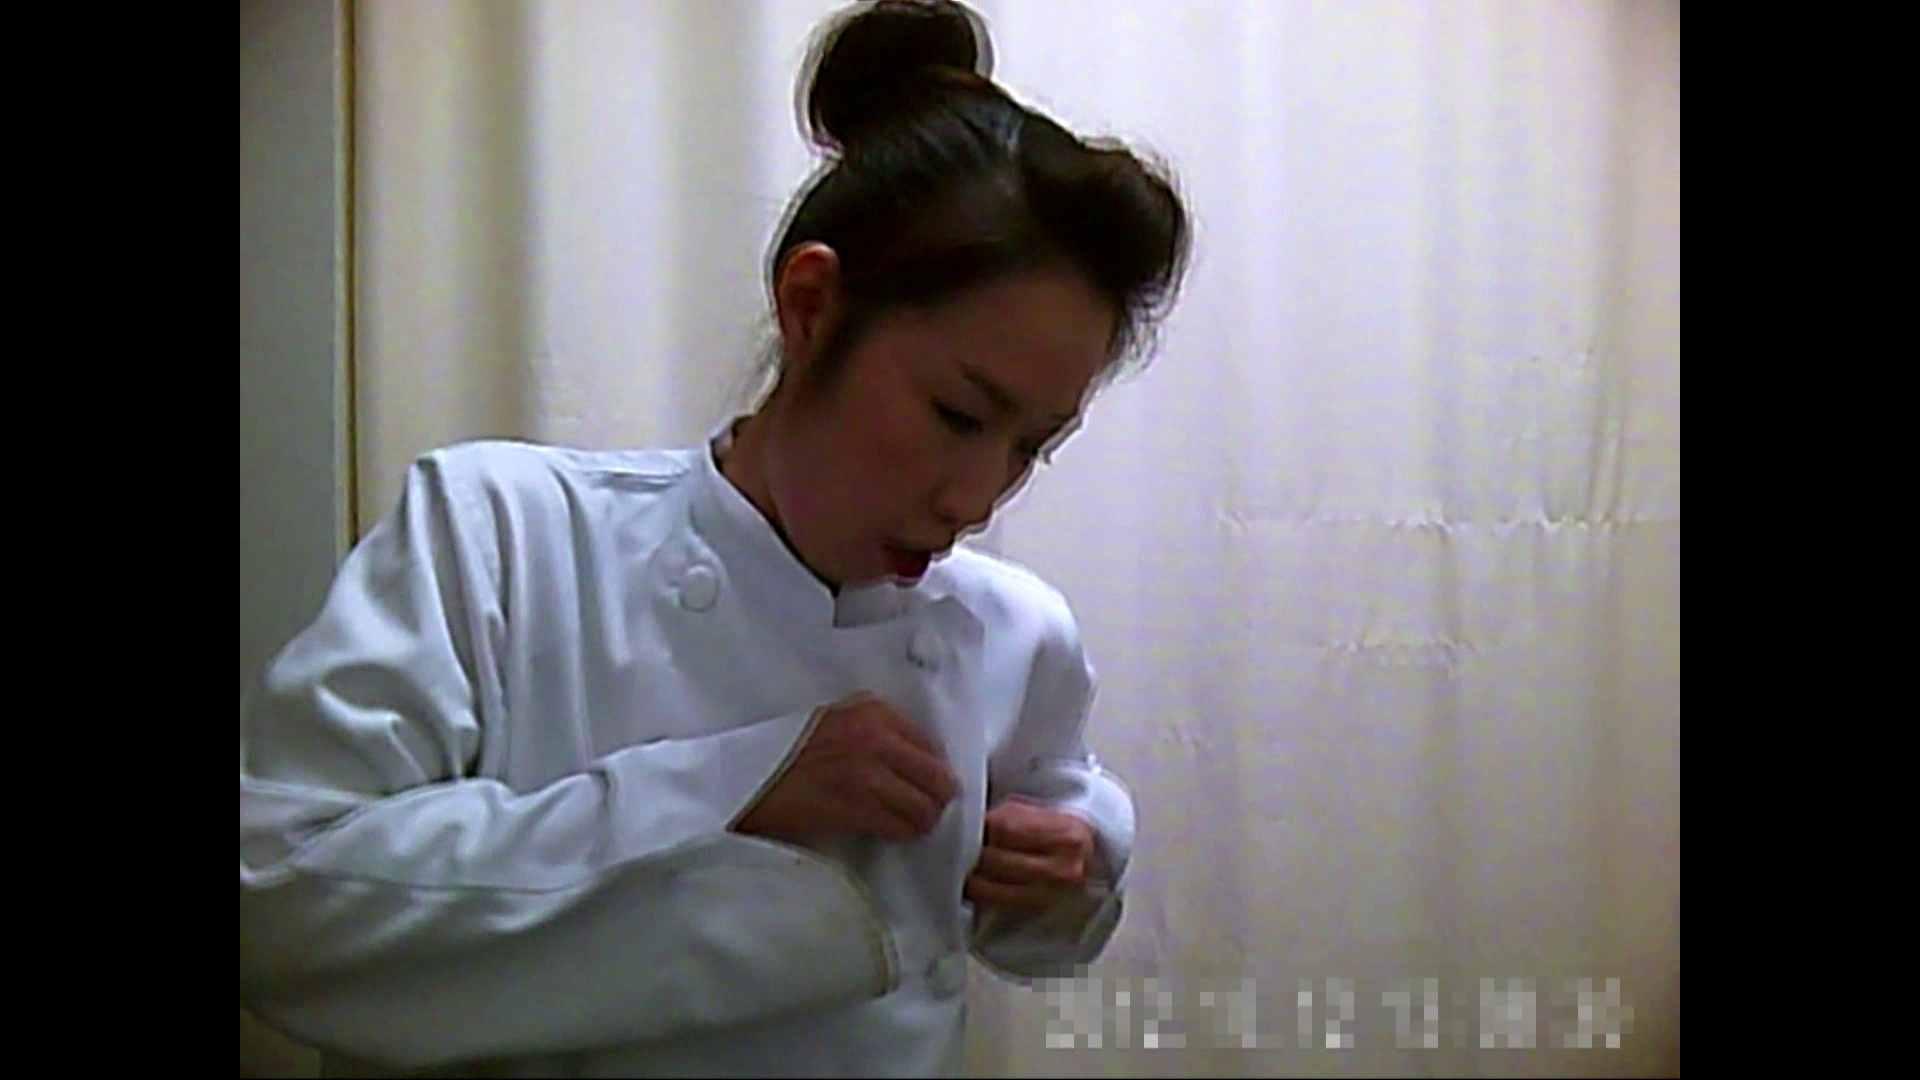 元医者による反抗 更衣室地獄絵巻 vol.061 OLハメ撮り  91Pix 49